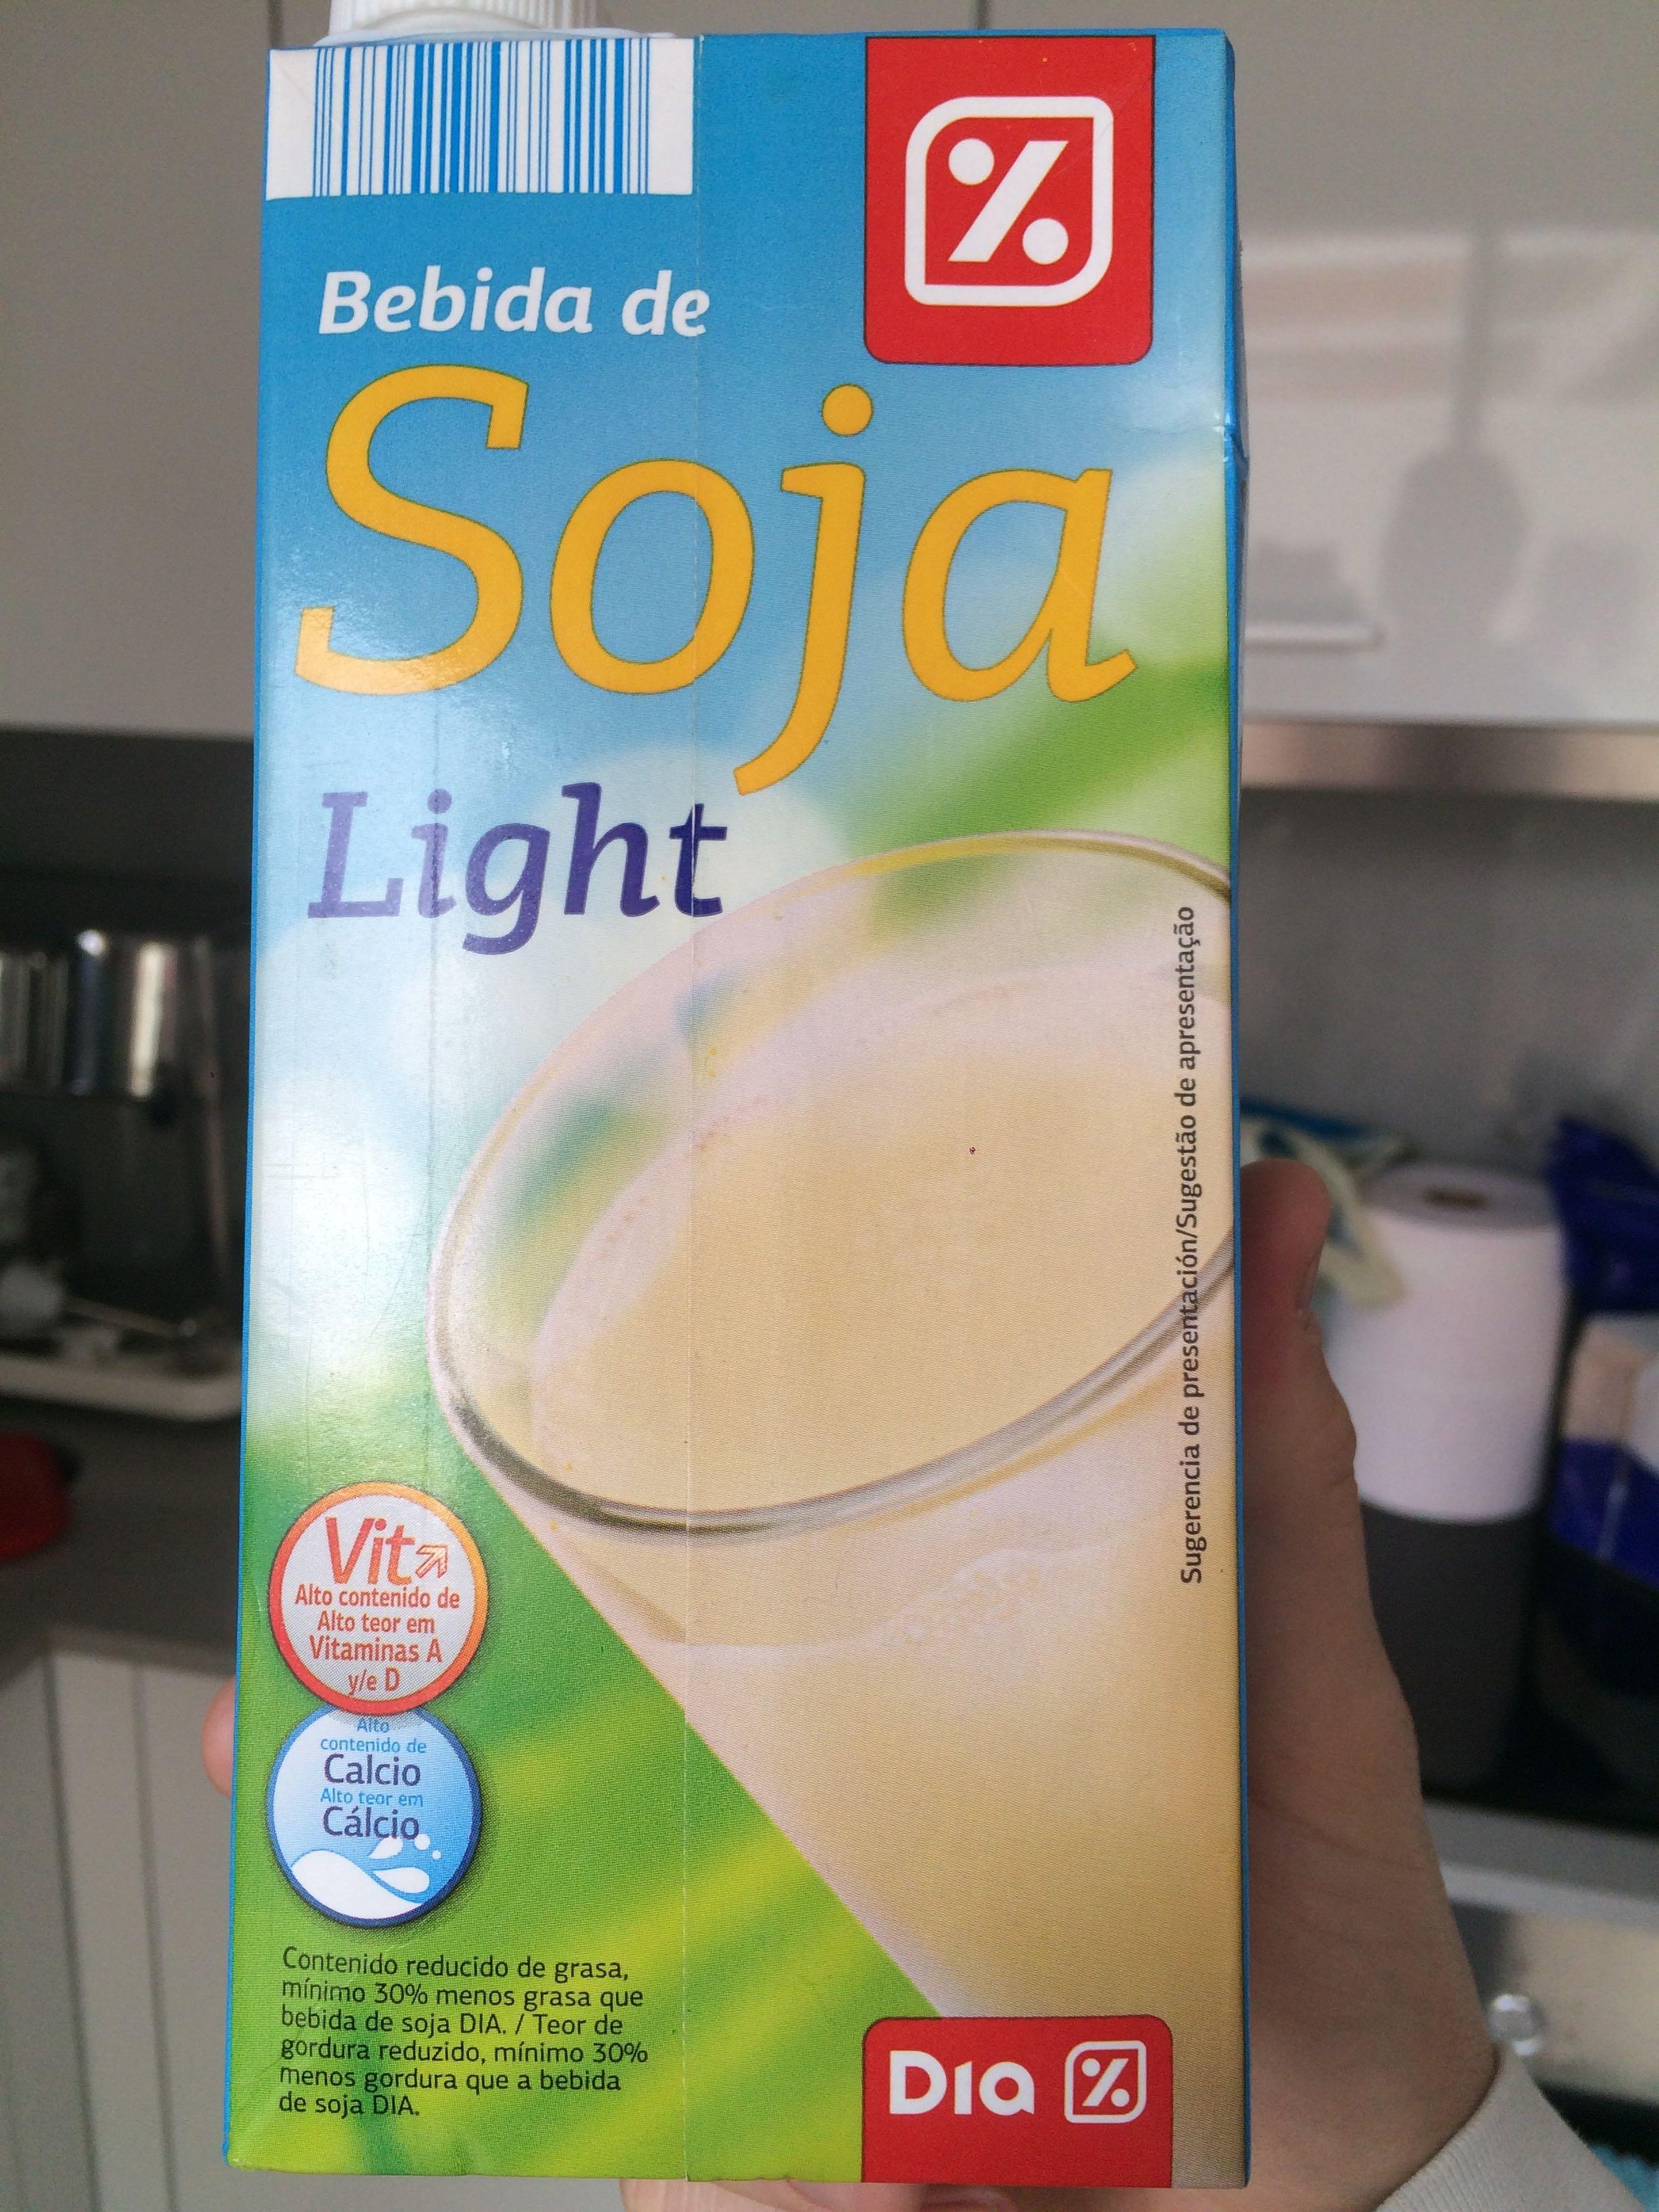 Bebida de soja light - Producto - es